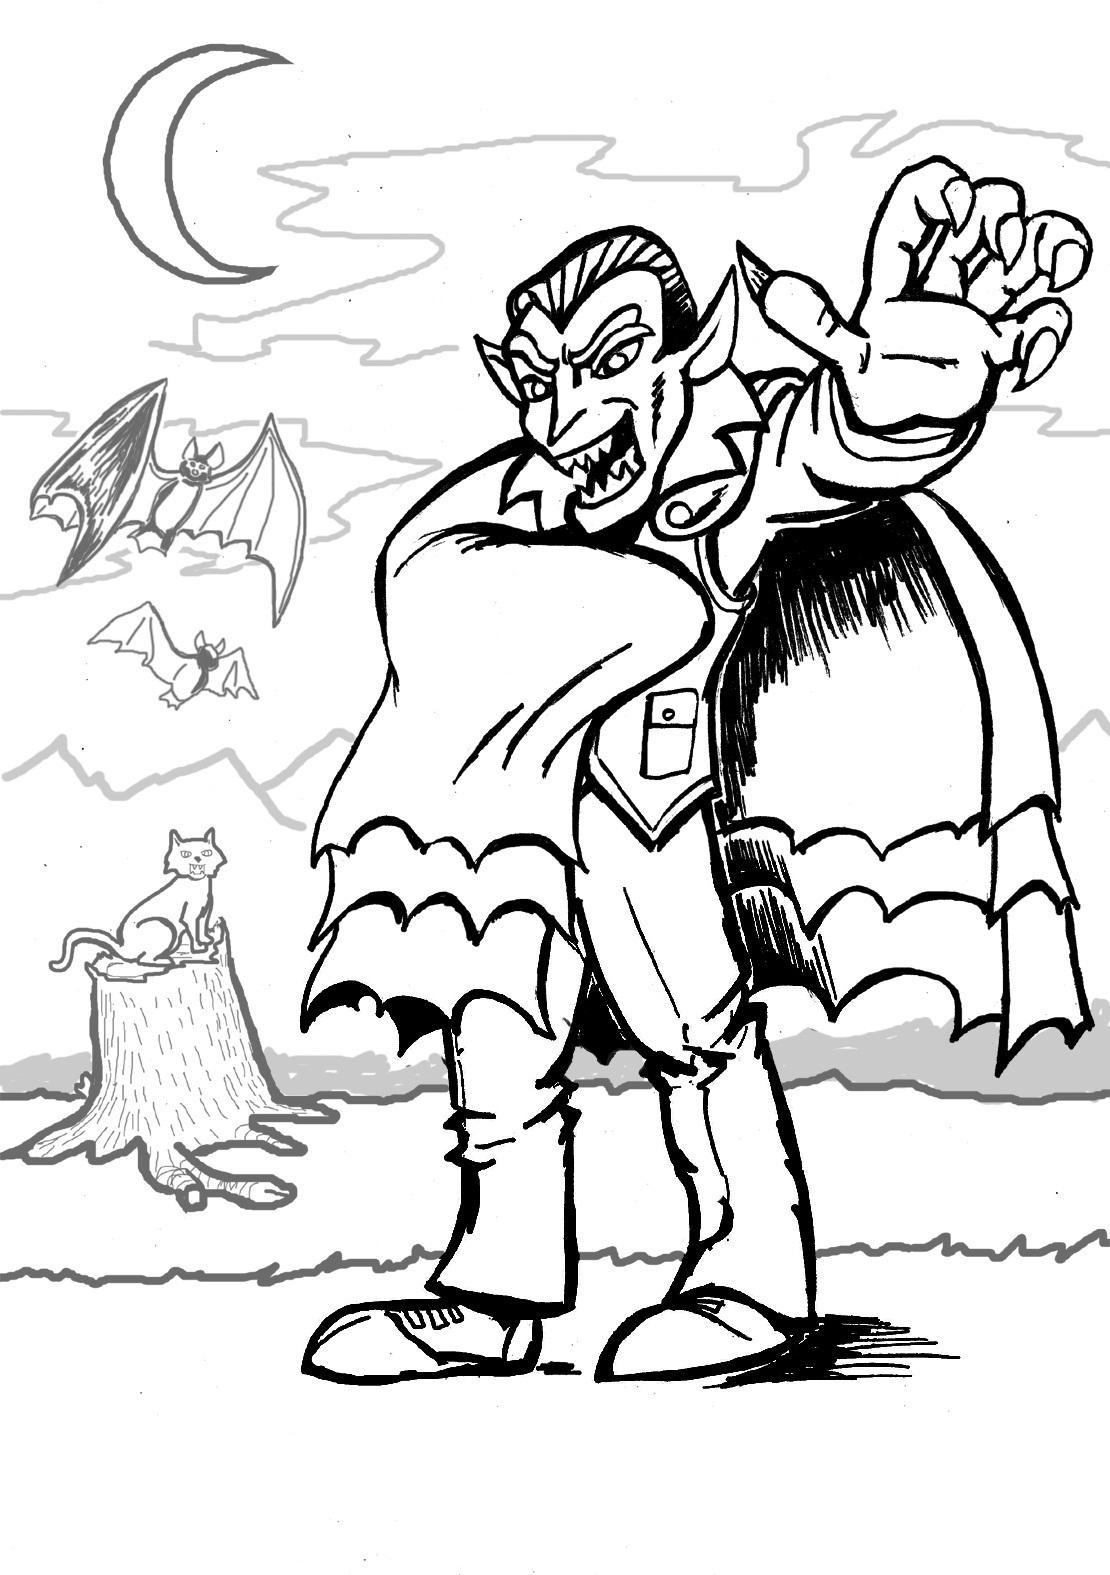 Vampire #85896 (Characters)